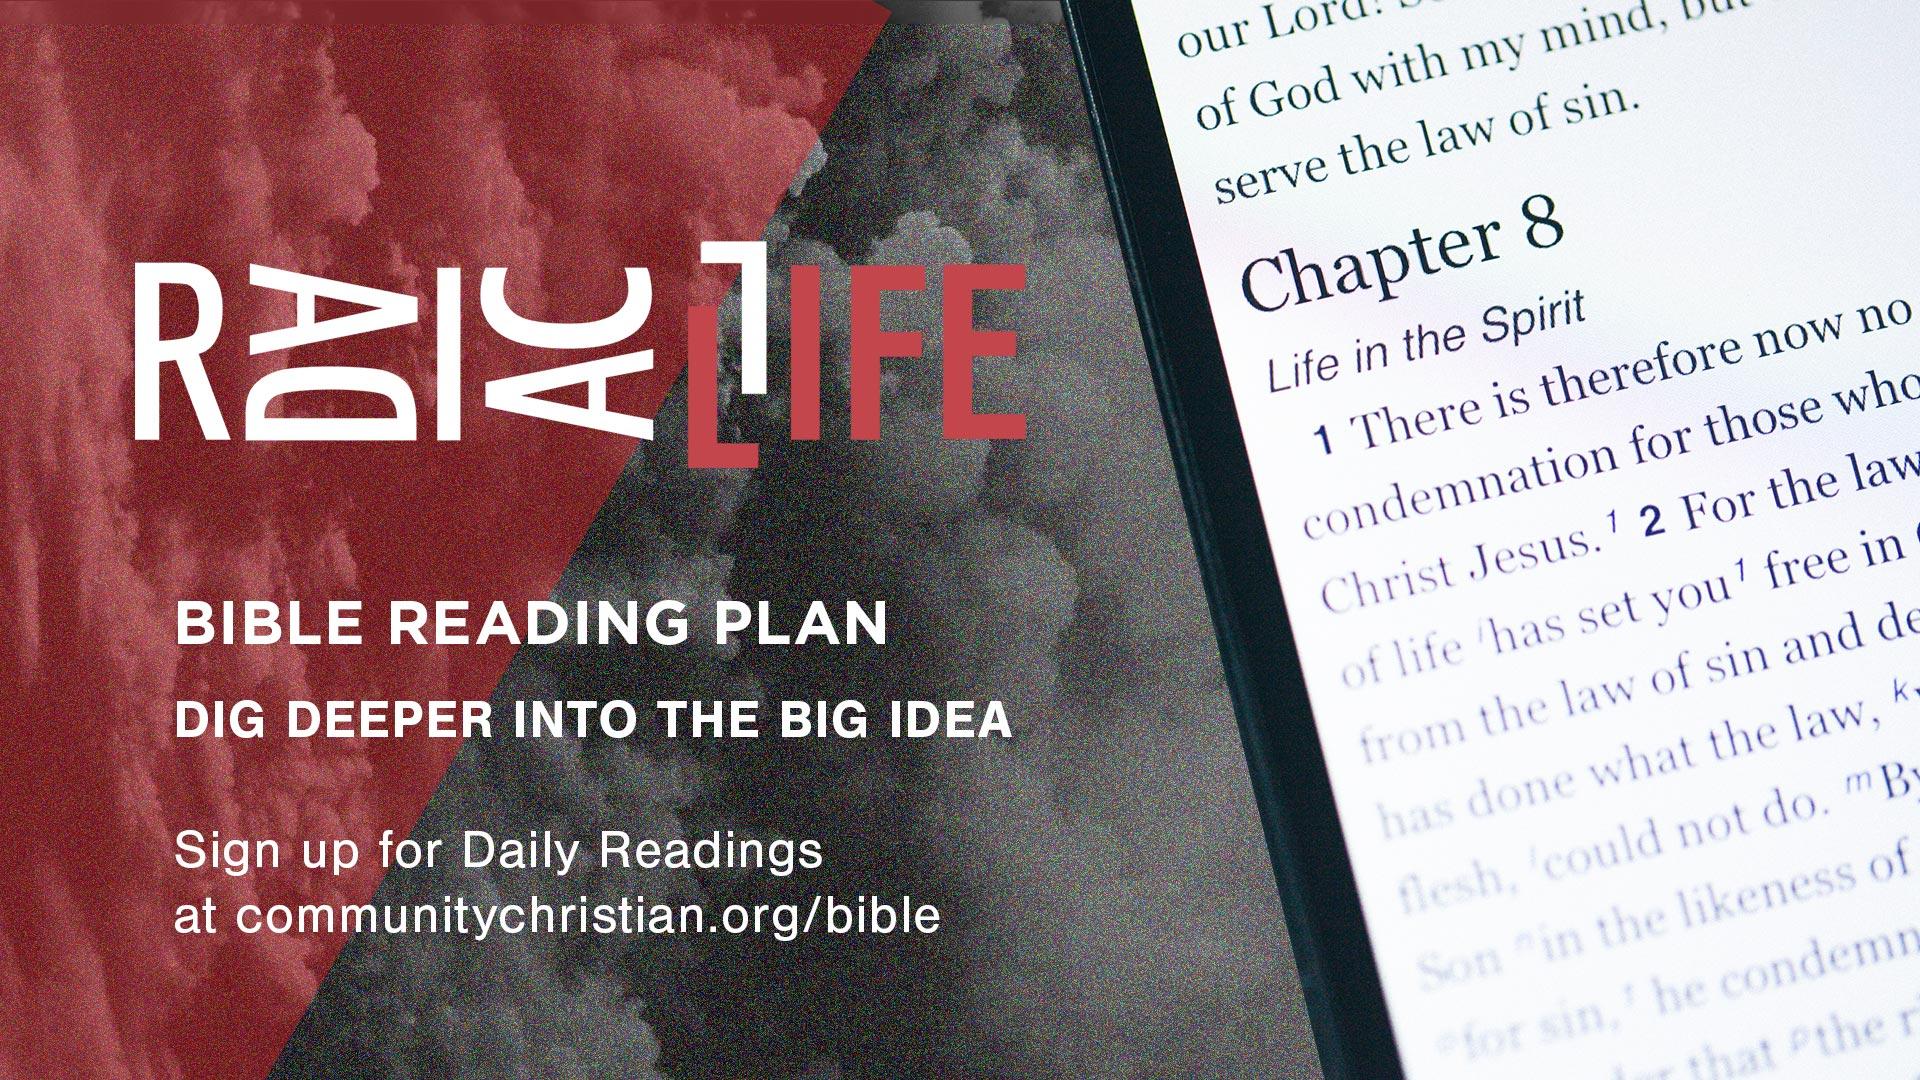 brp-big-idea-page-rad-life